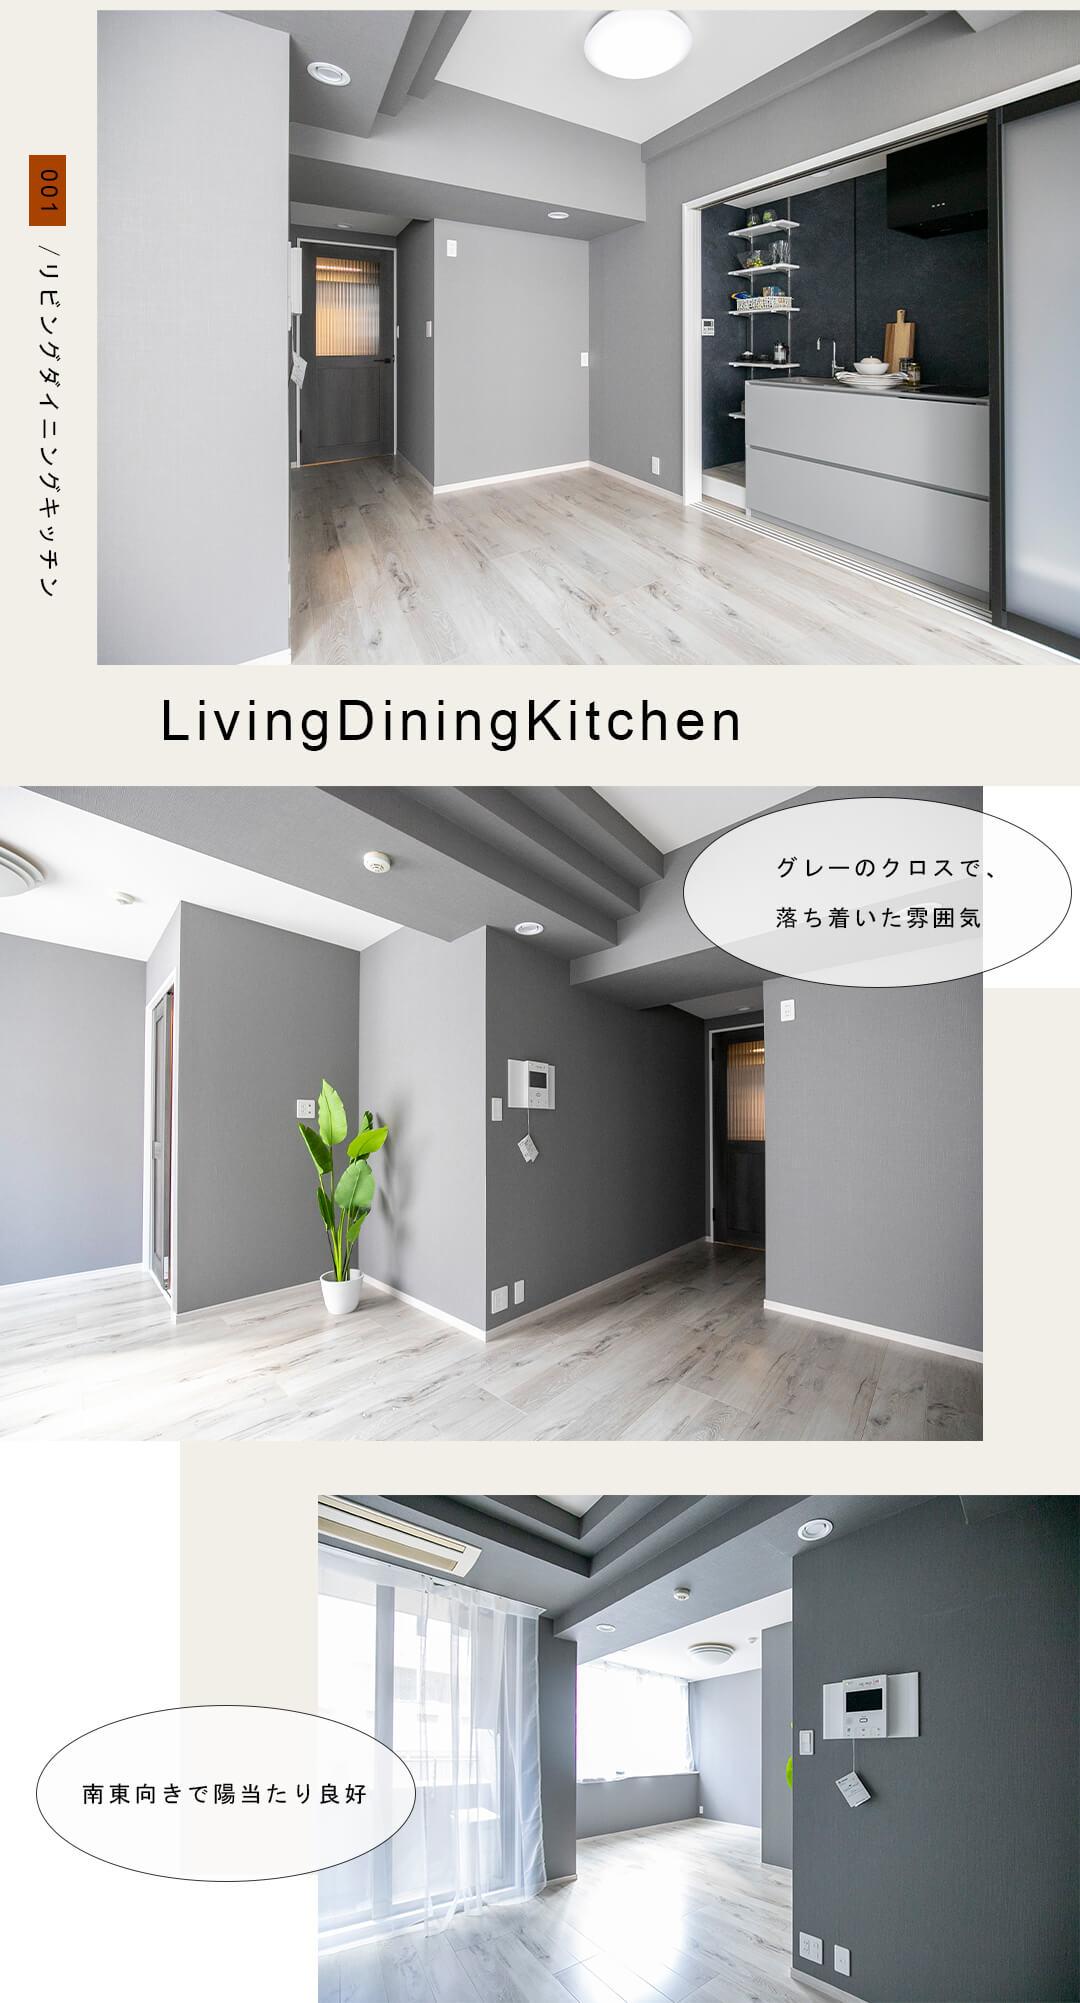 001リビングダイニングキッチン,Living Dining Kitchen